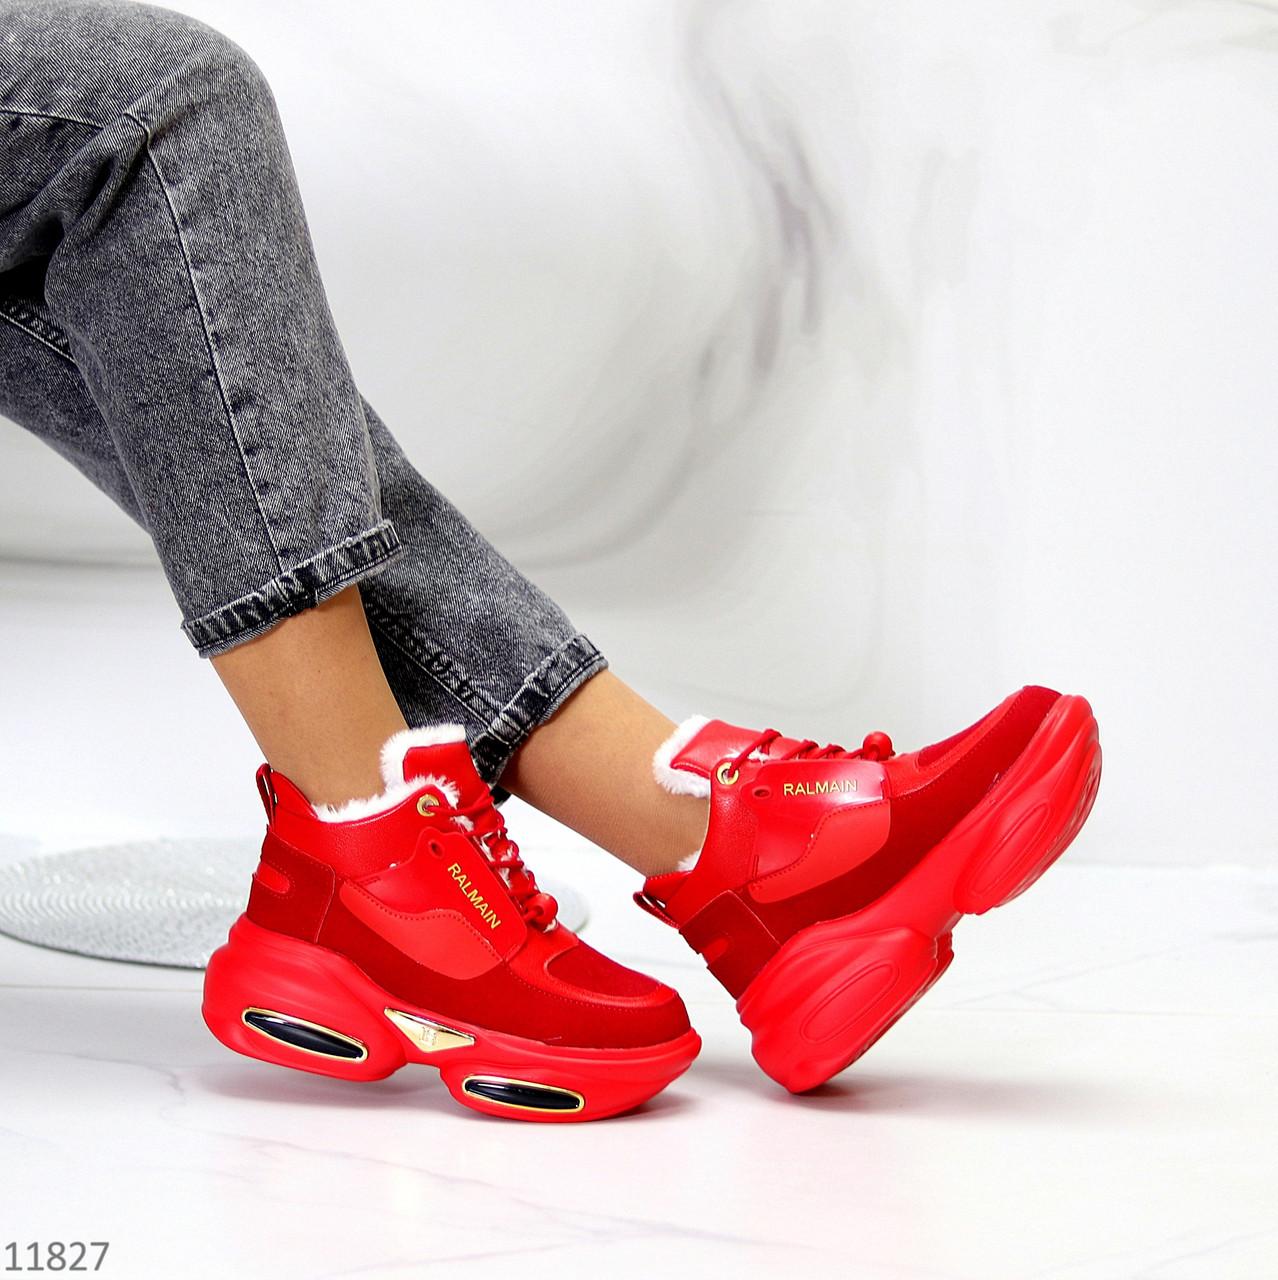 Круті яскраві червоні жіночі зимові кросівки снікерси в асортименті